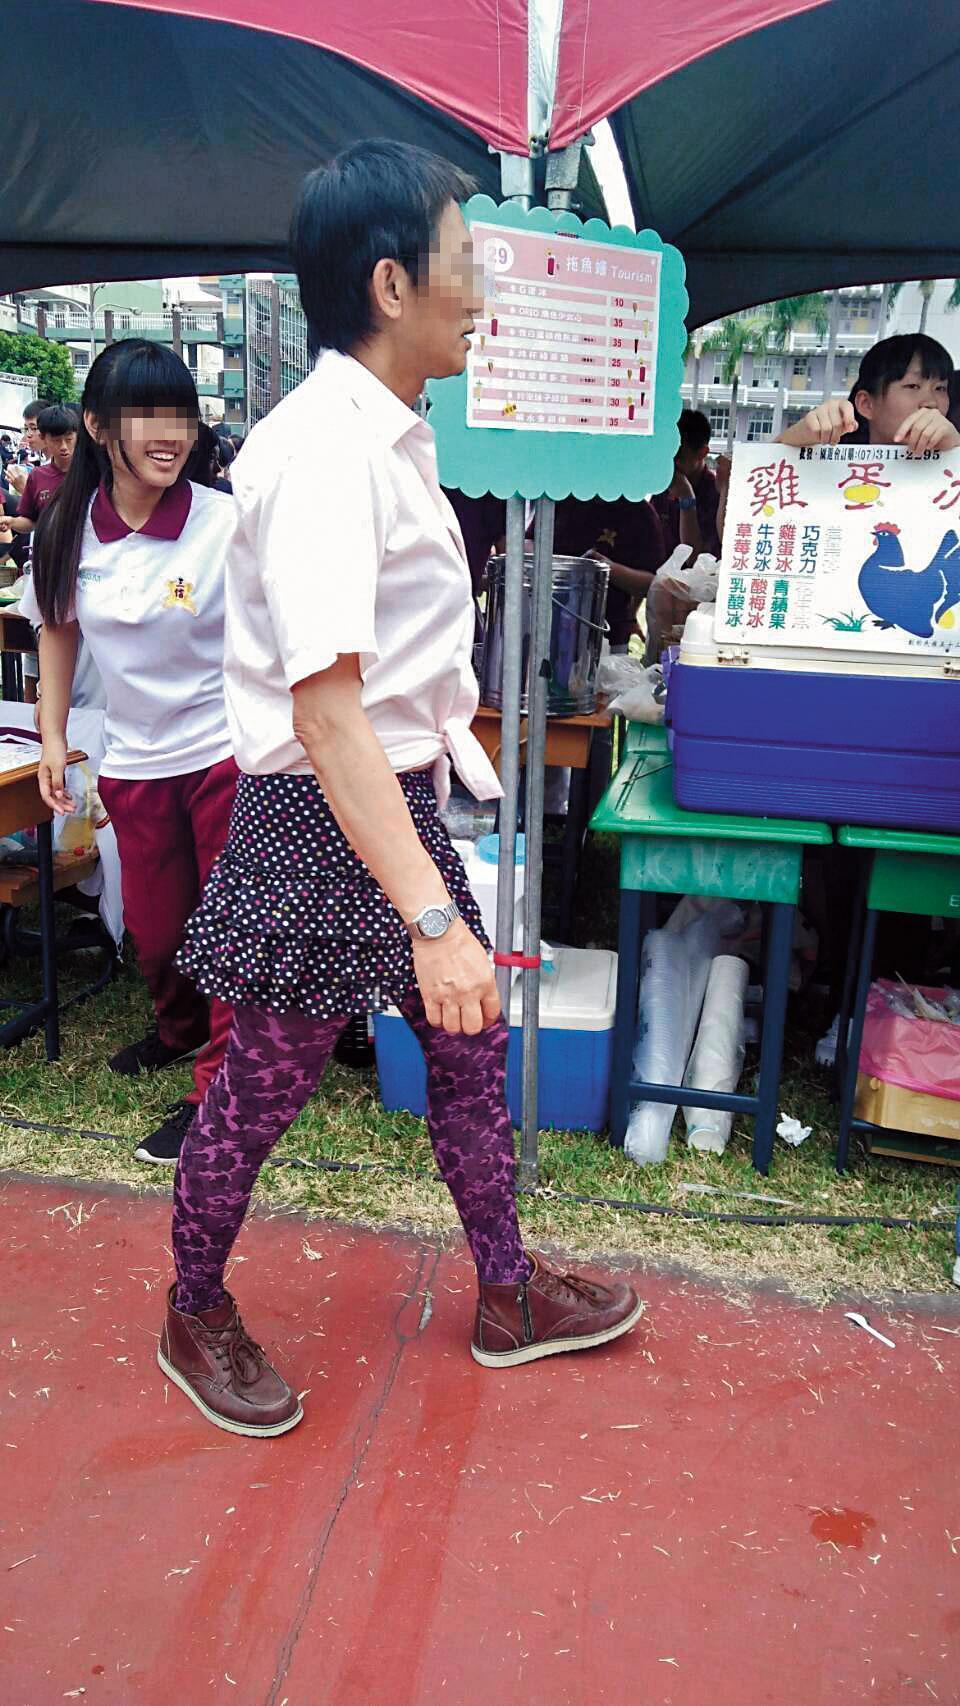 這名男老師穿著裙子,在學校園遊會四處遊蕩,引起學生側目。(翻攝畫面)